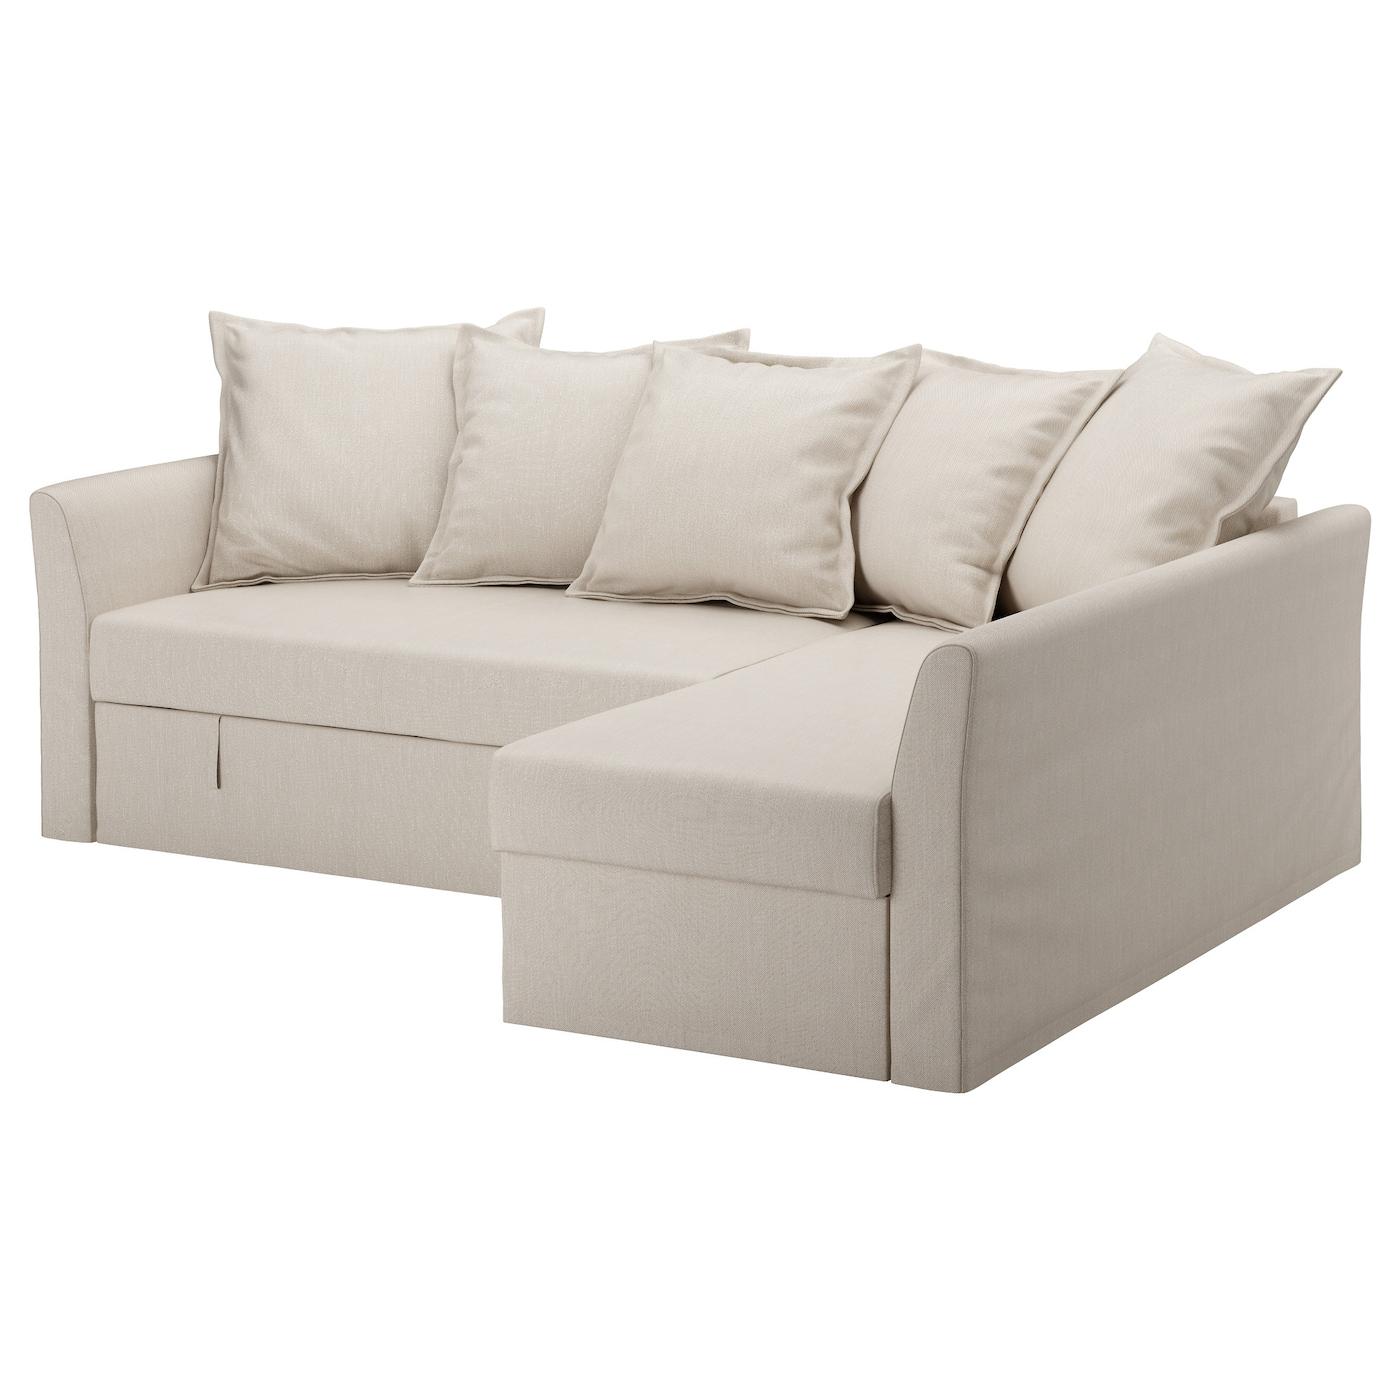 holmsund corner sofa bed nordvalla beige ikea. Black Bedroom Furniture Sets. Home Design Ideas